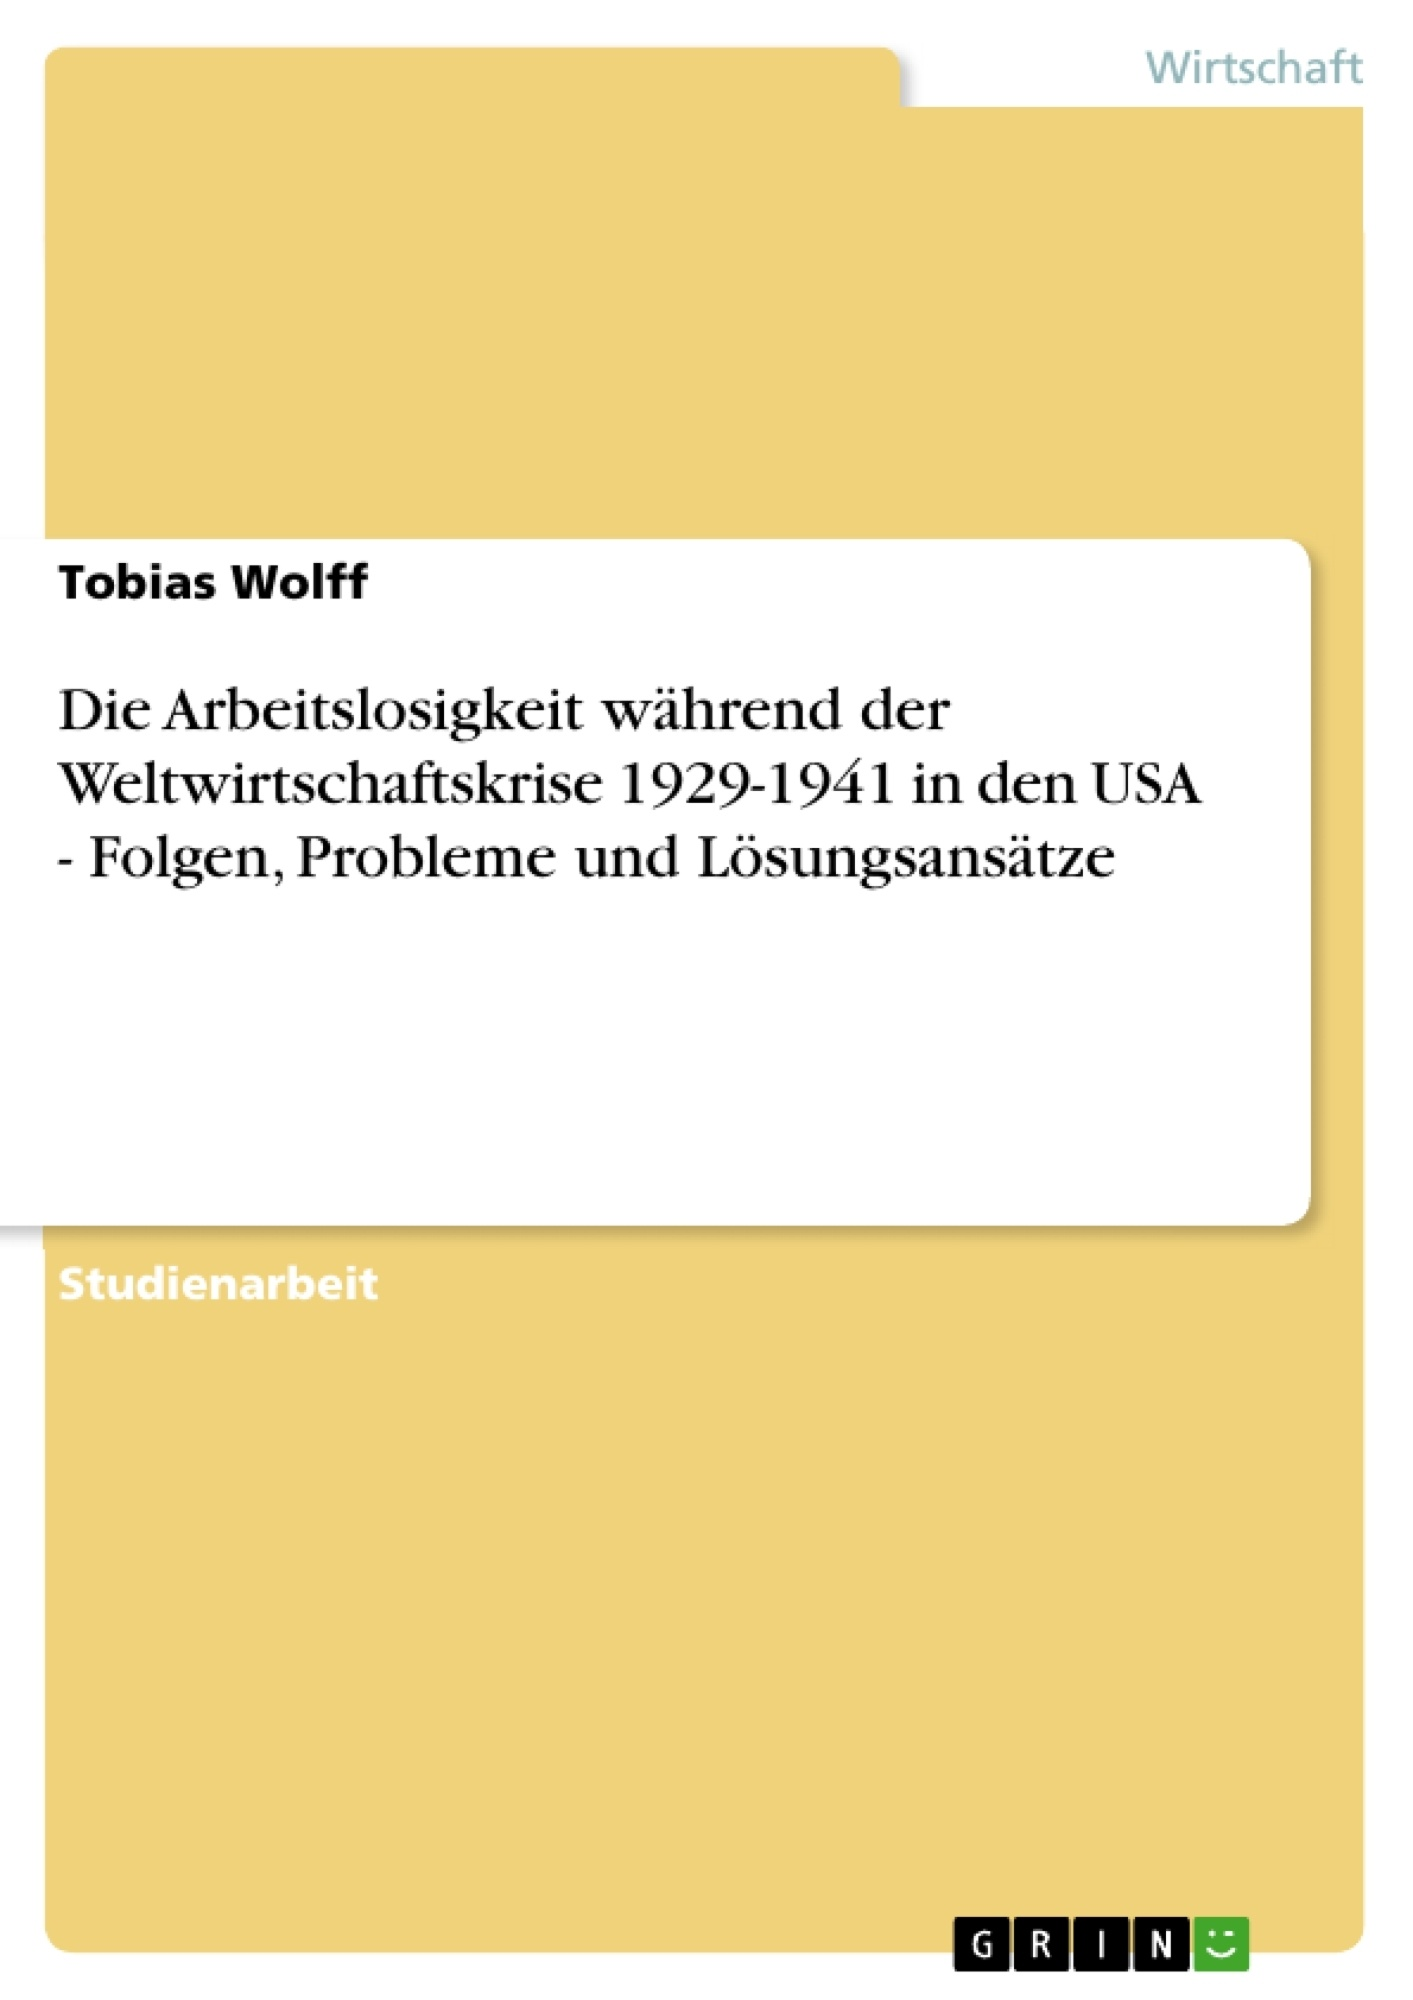 Titel: Die Arbeitslosigkeit während der Weltwirtschaftskrise 1929-1941 in den USA - Folgen, Probleme und Lösungsansätze